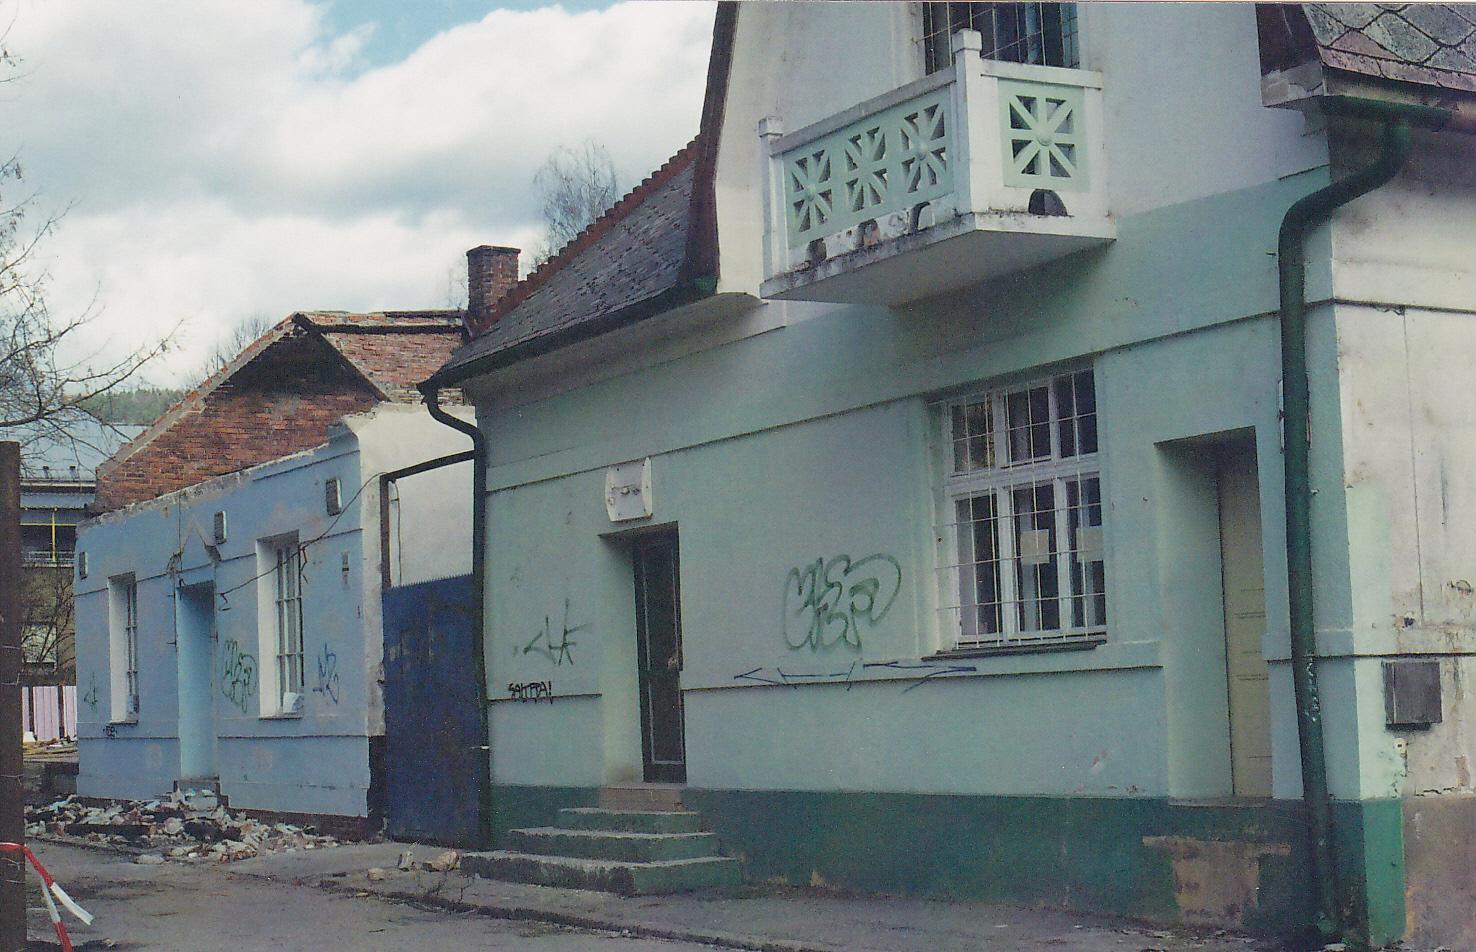 Domy na rohu ulíc F. Urbánka a Štefánikovej (dnes tzv. Štefánka) odfotografované pri demolácii okolo r. 2005